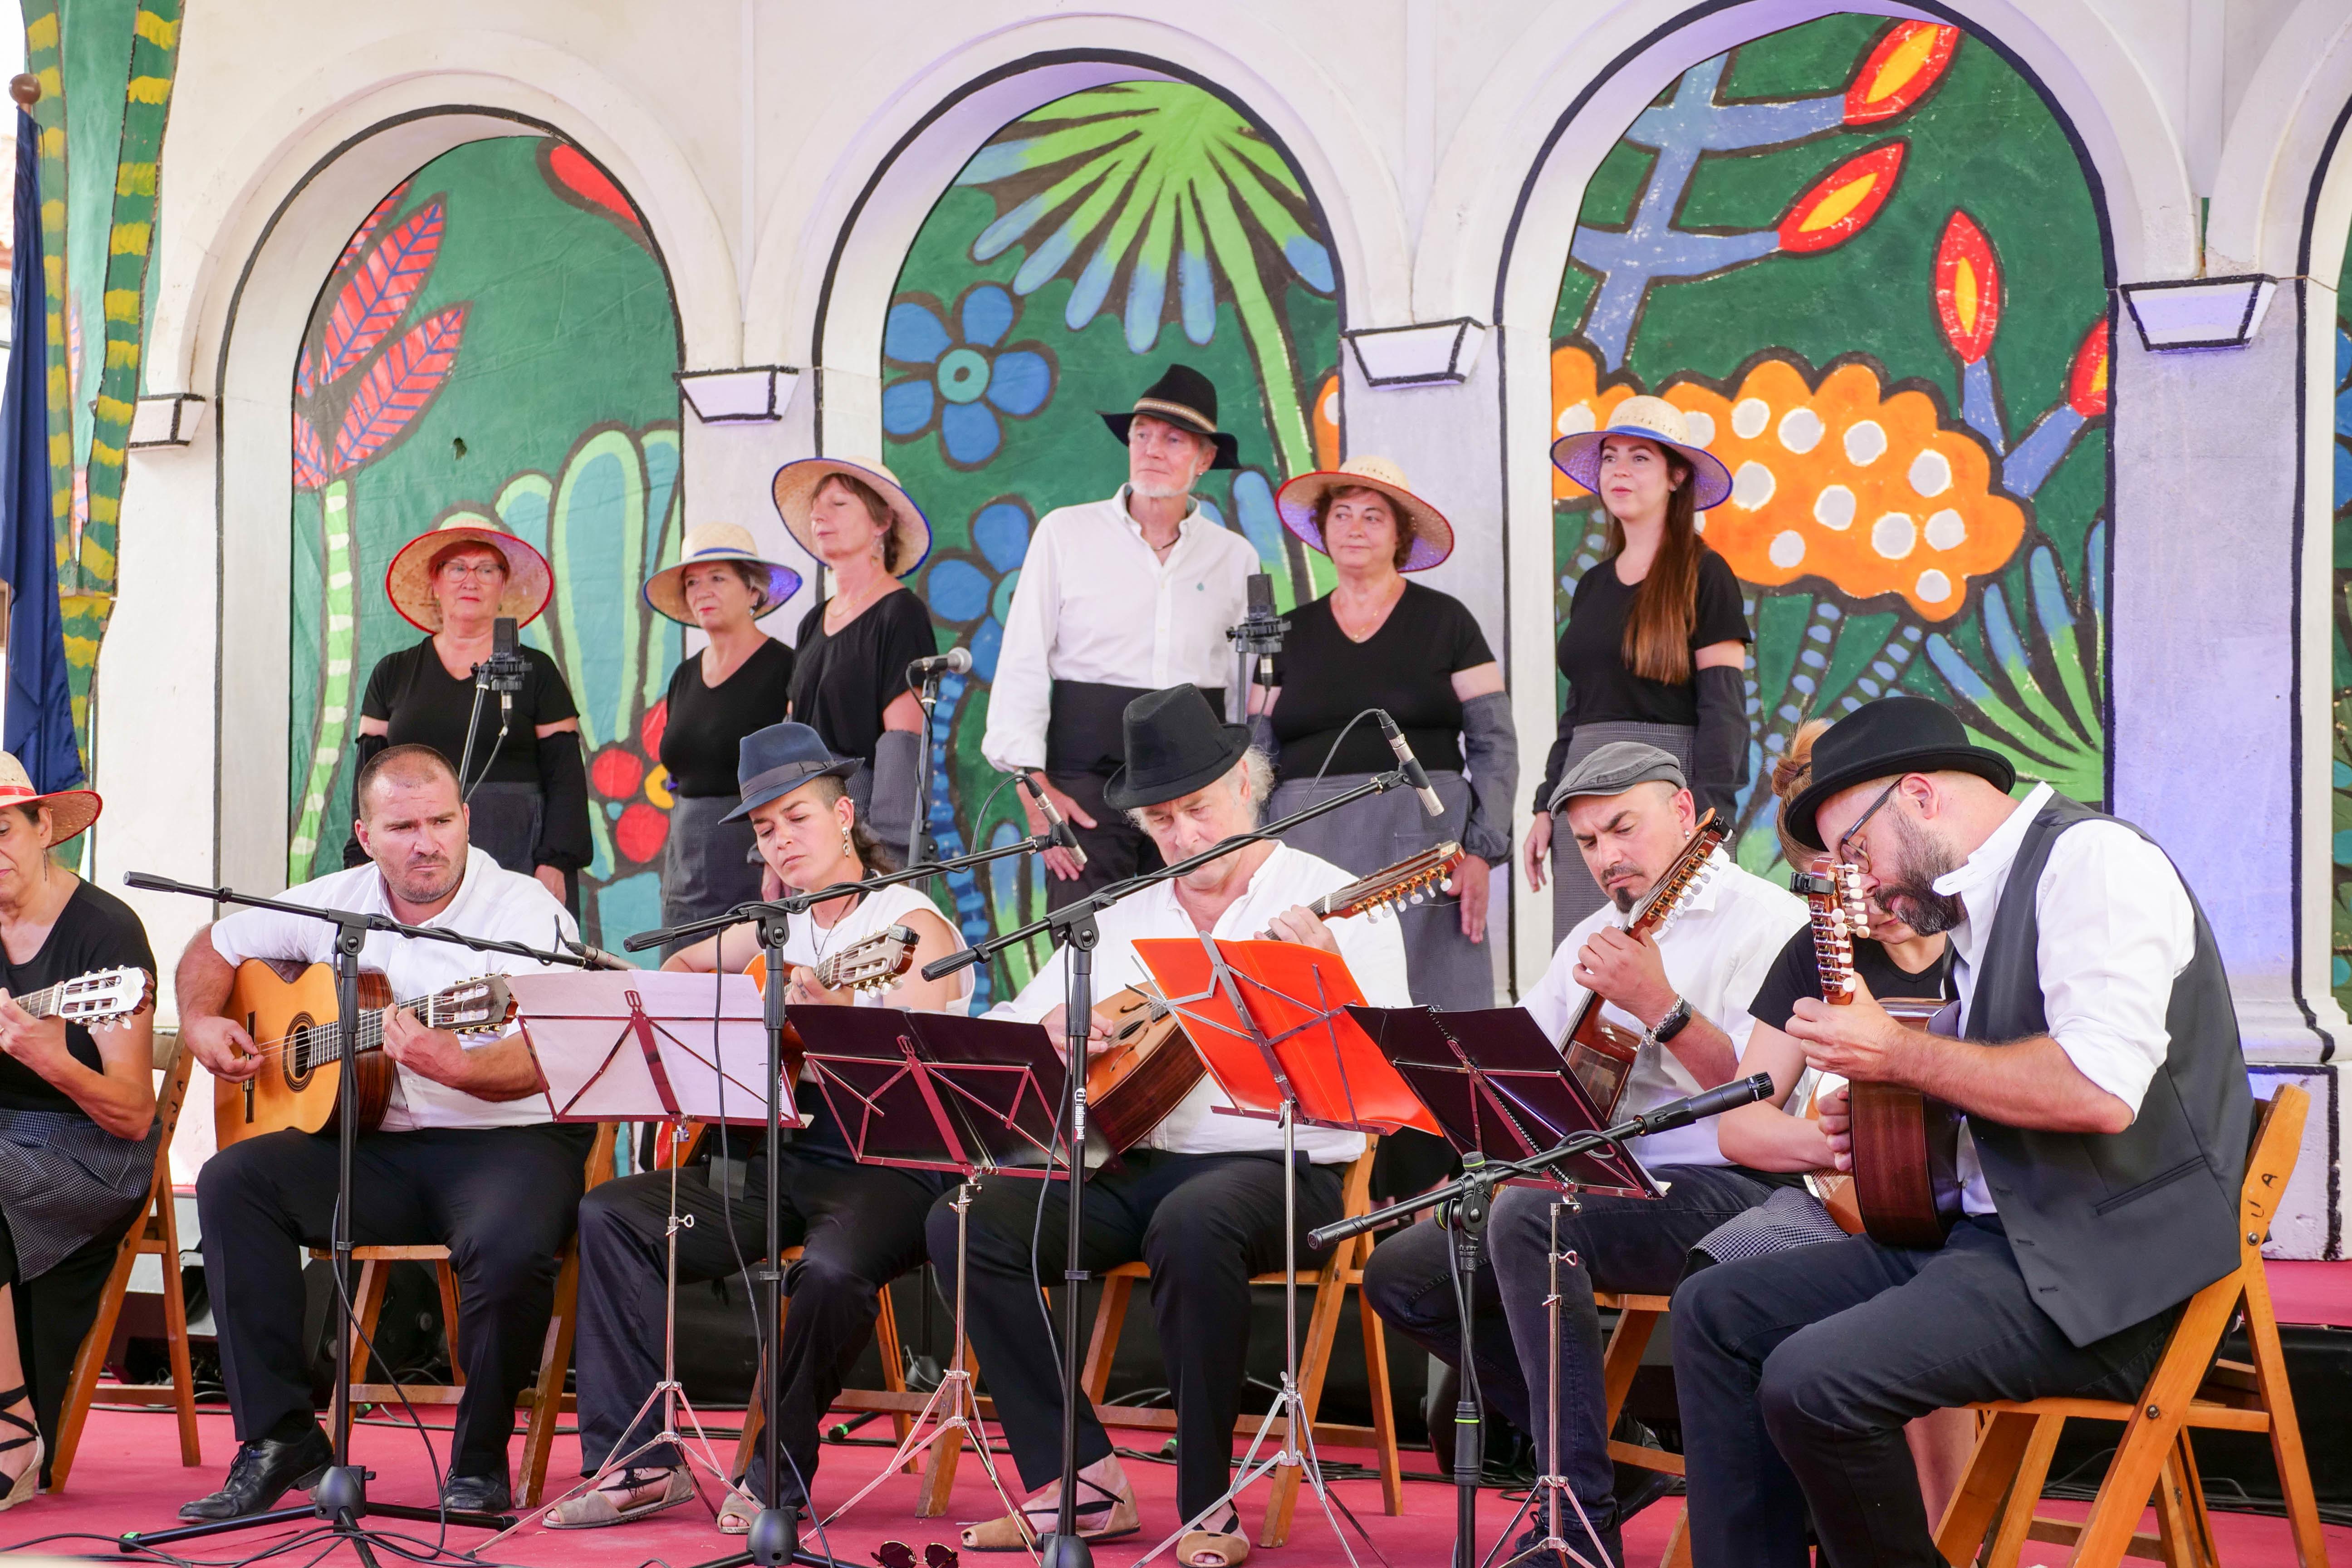 Pórtugos acogió a más de 15.000 personas en la celebración del XXXVIII Festival de Música Tradicional de la Alpujarra